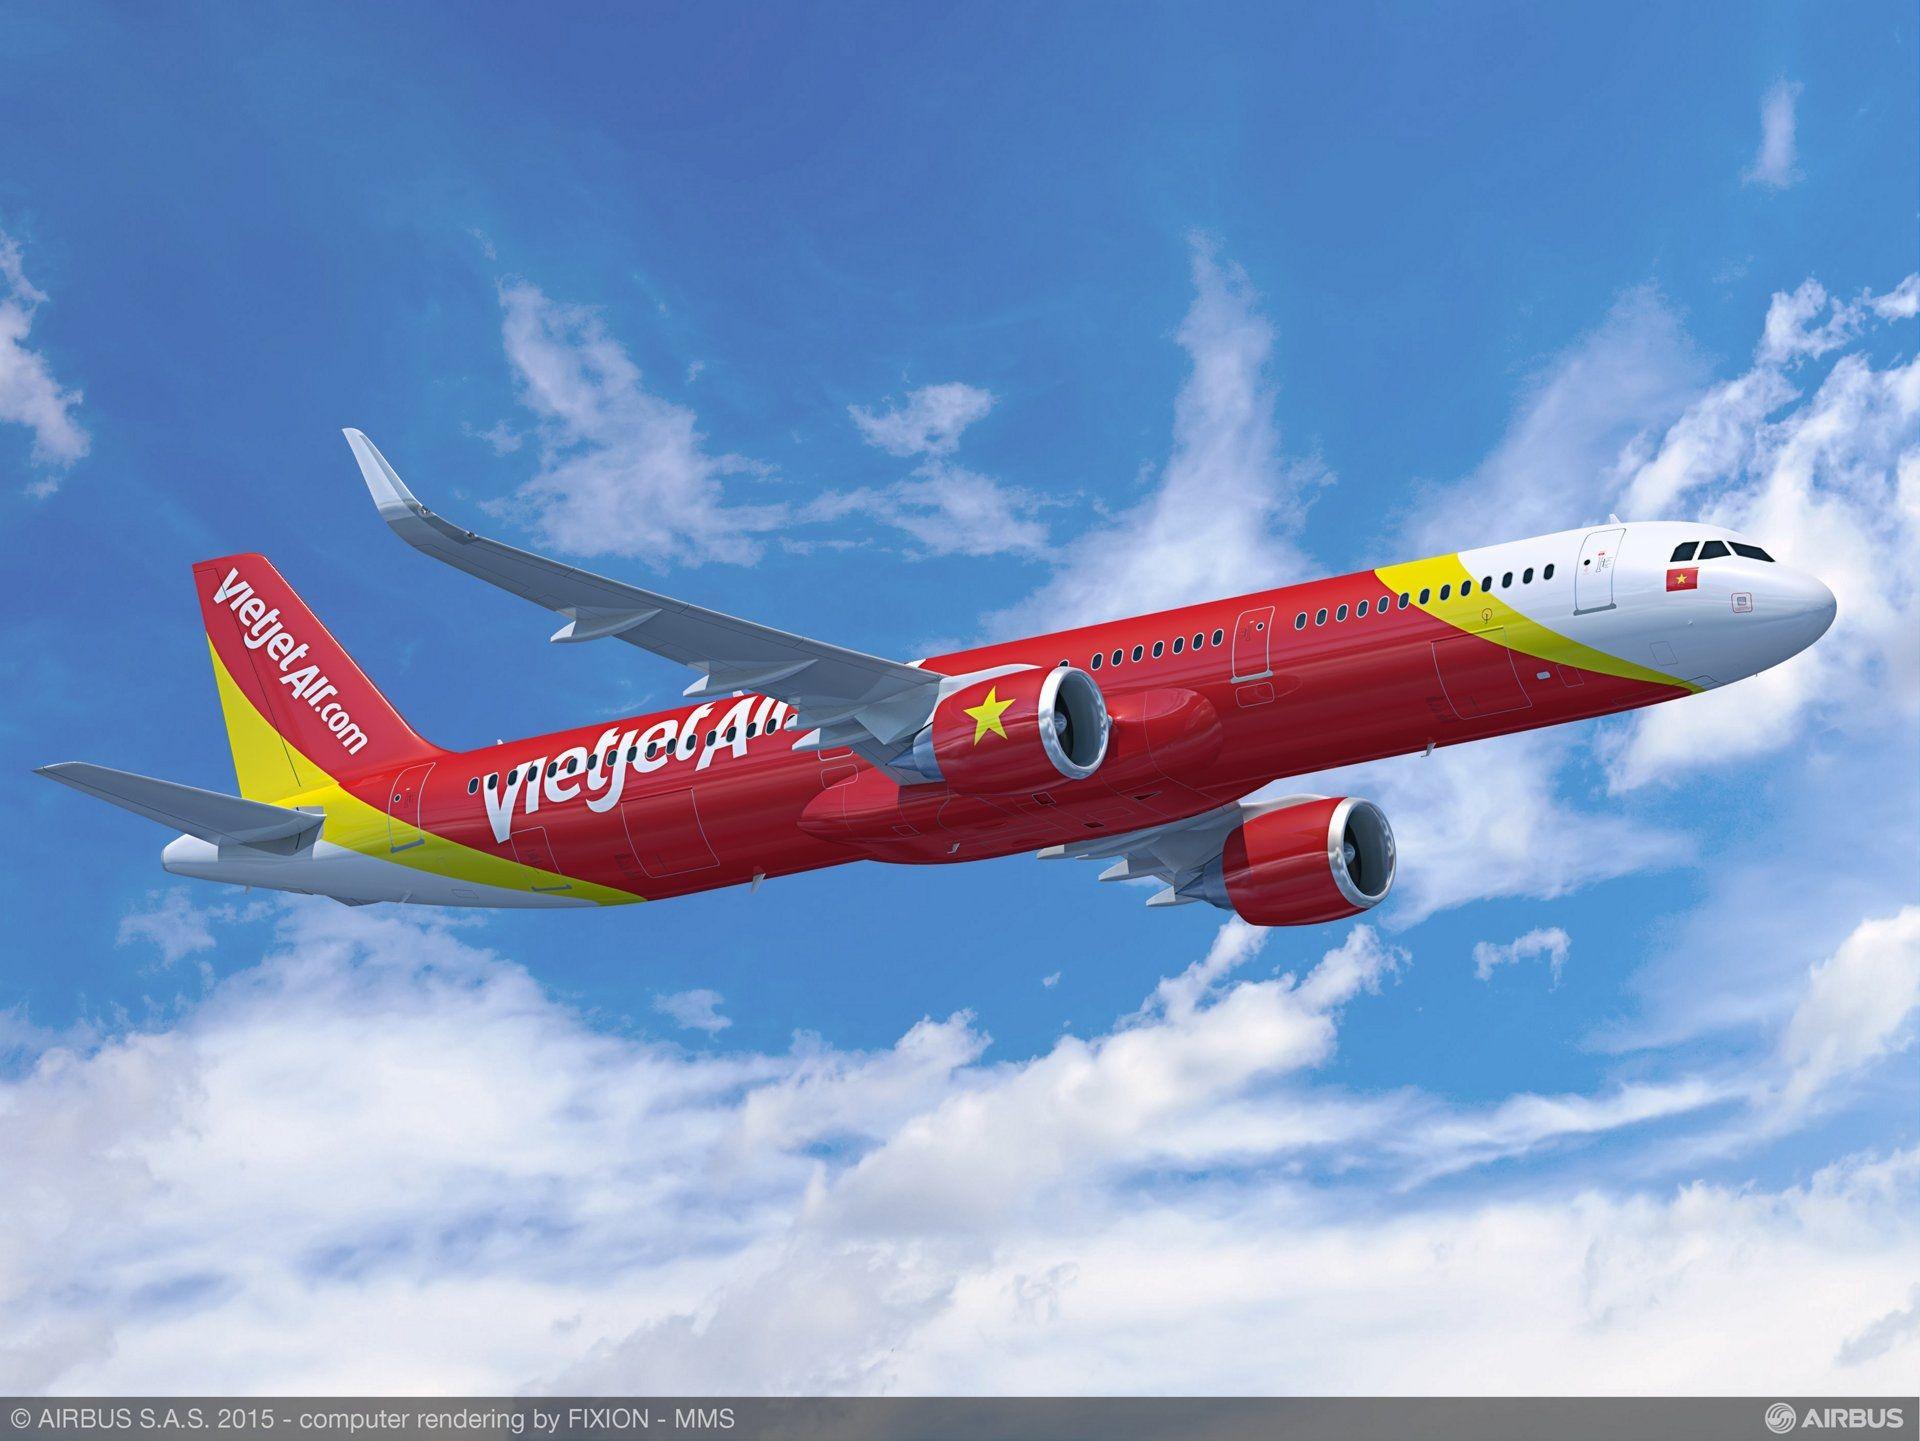 民航早报:越捷将敲定65亿美元A321neo订单